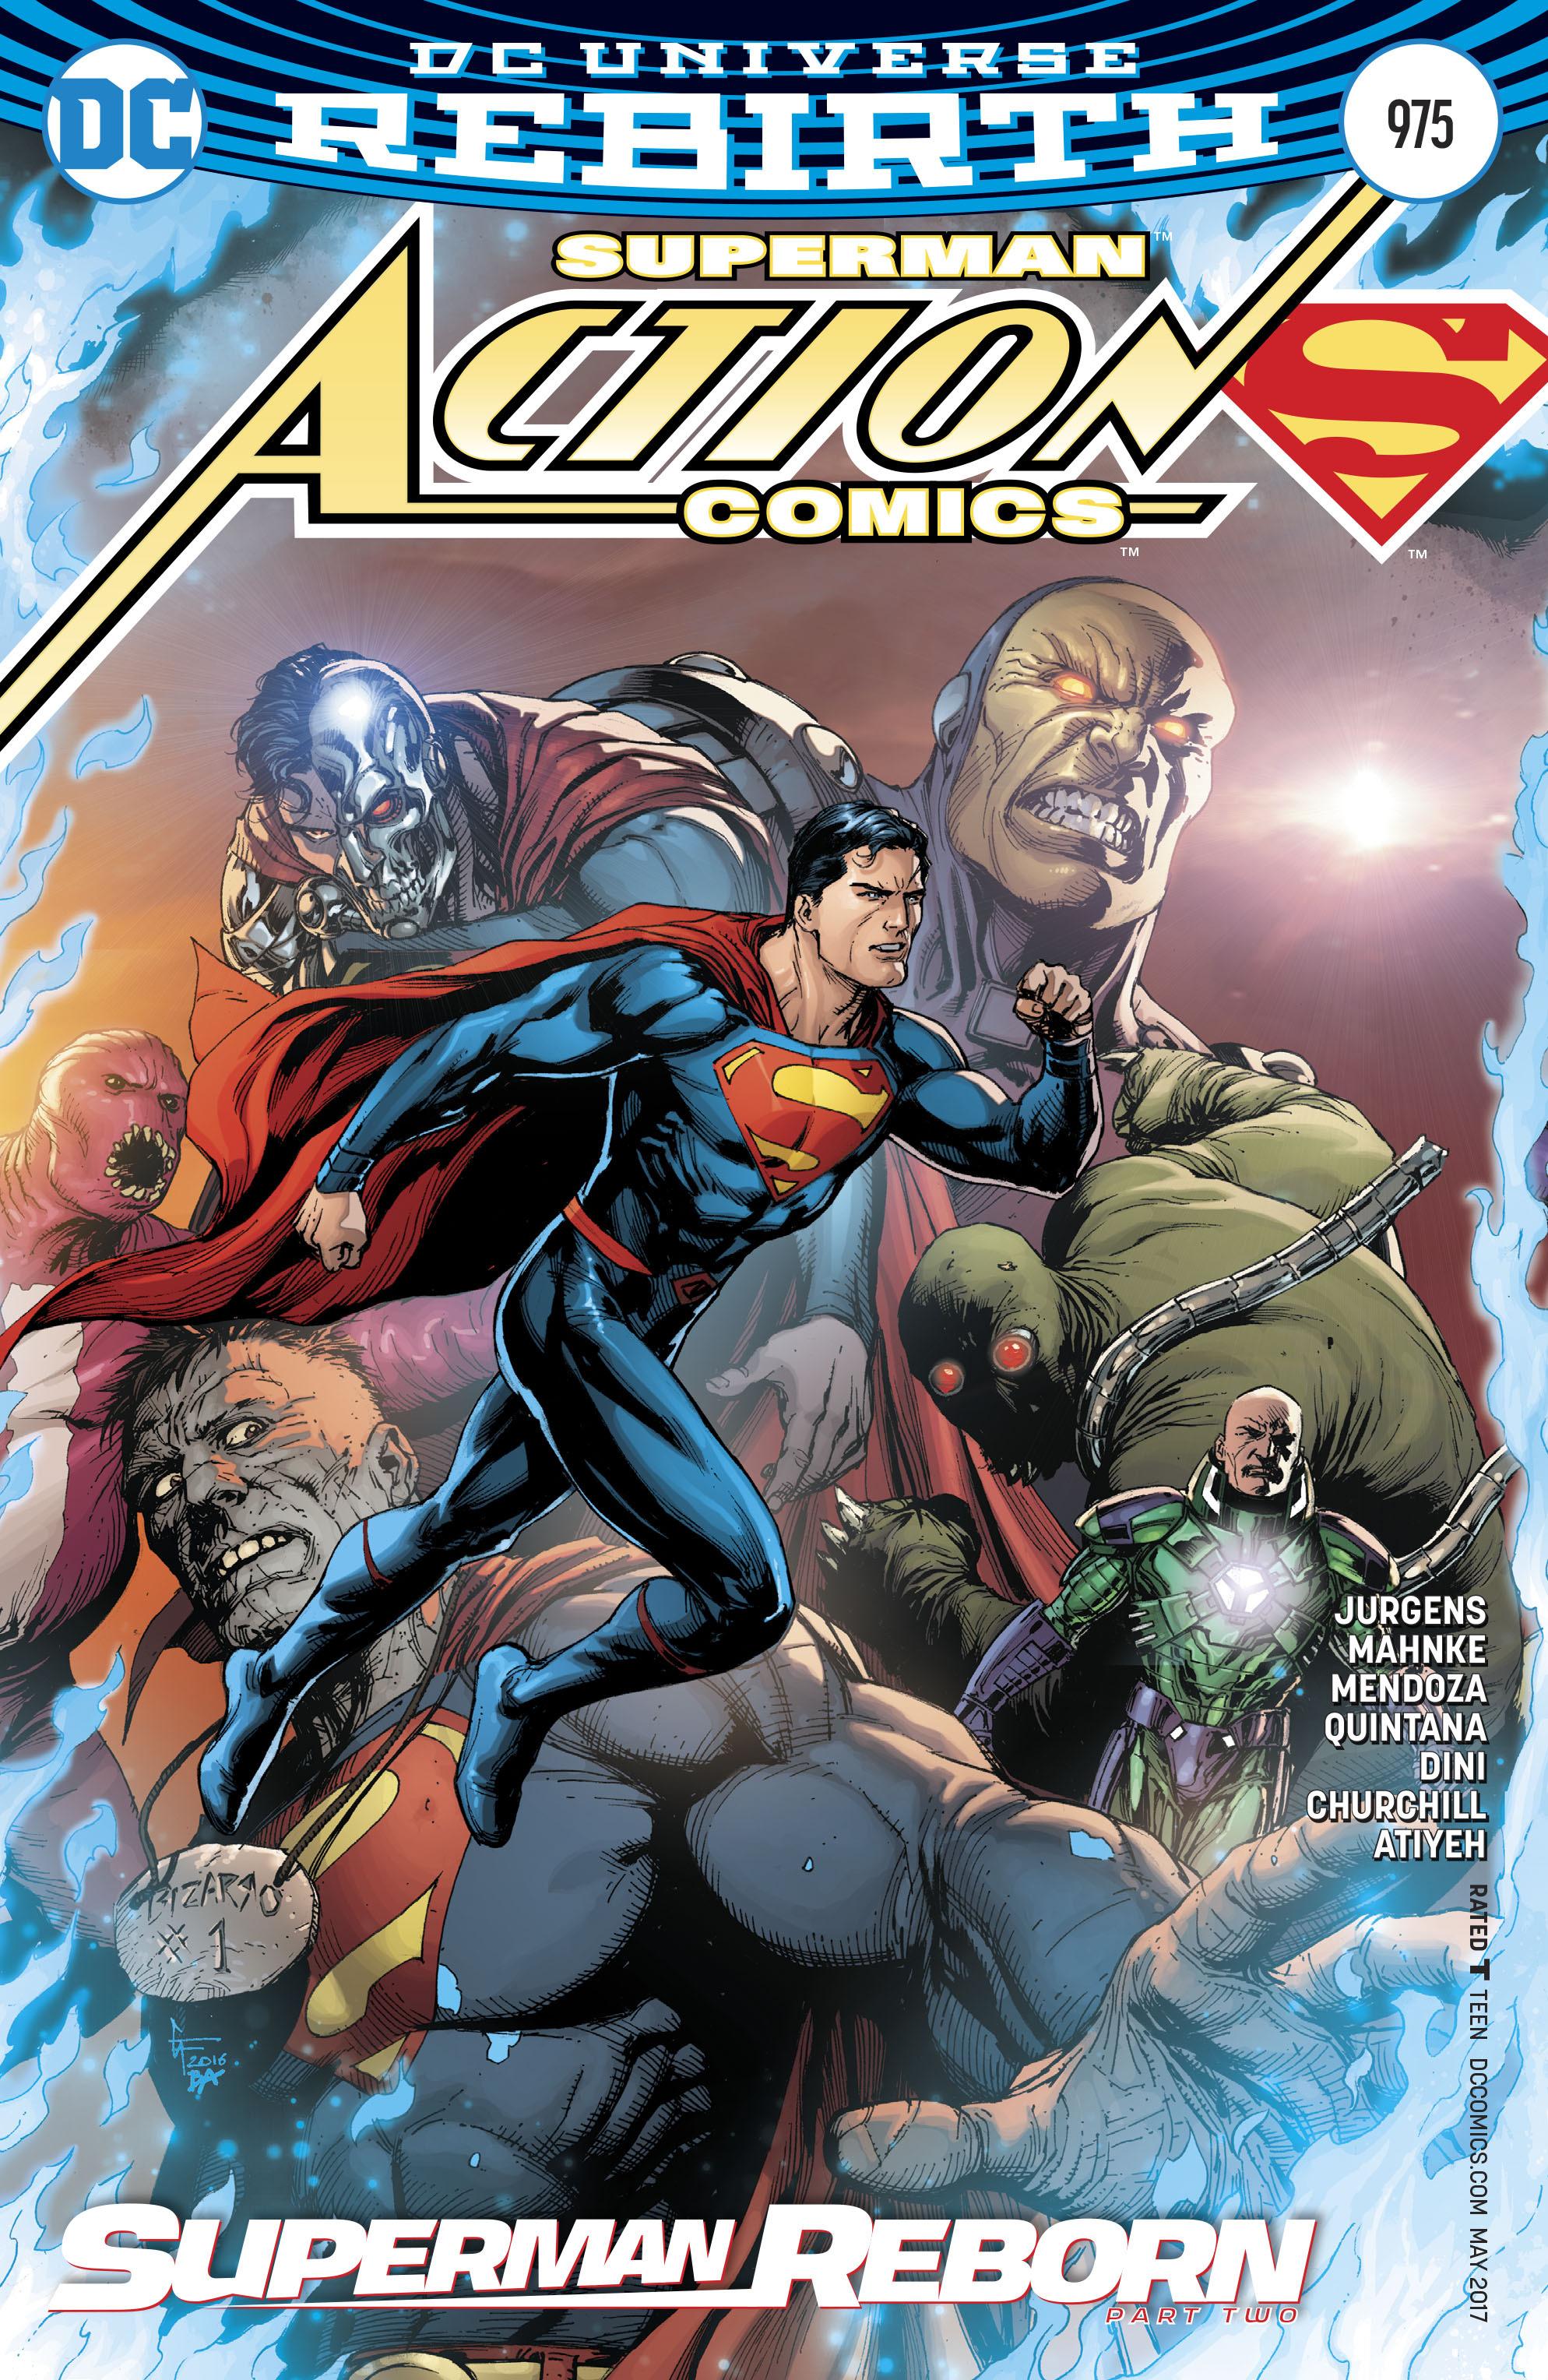 Action Comics Vol 1 975 Variant.jpg